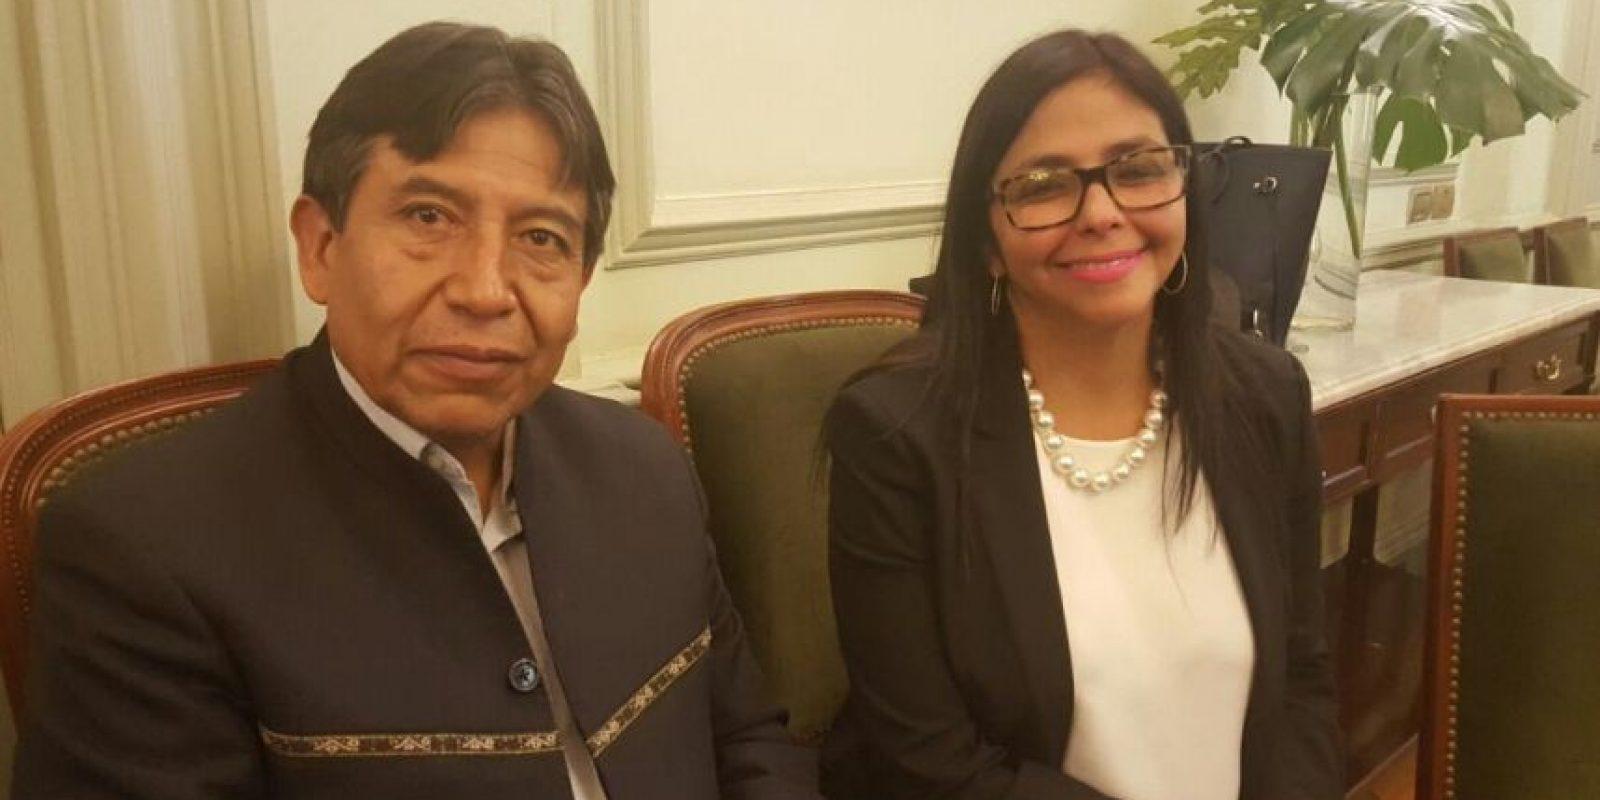 Imagen de Choquehuanca y Rodríguez esperando la llegada de los cancilleres del Mercosur. Foto:Twitter de Delcy Rodríguez. Imagen Por: